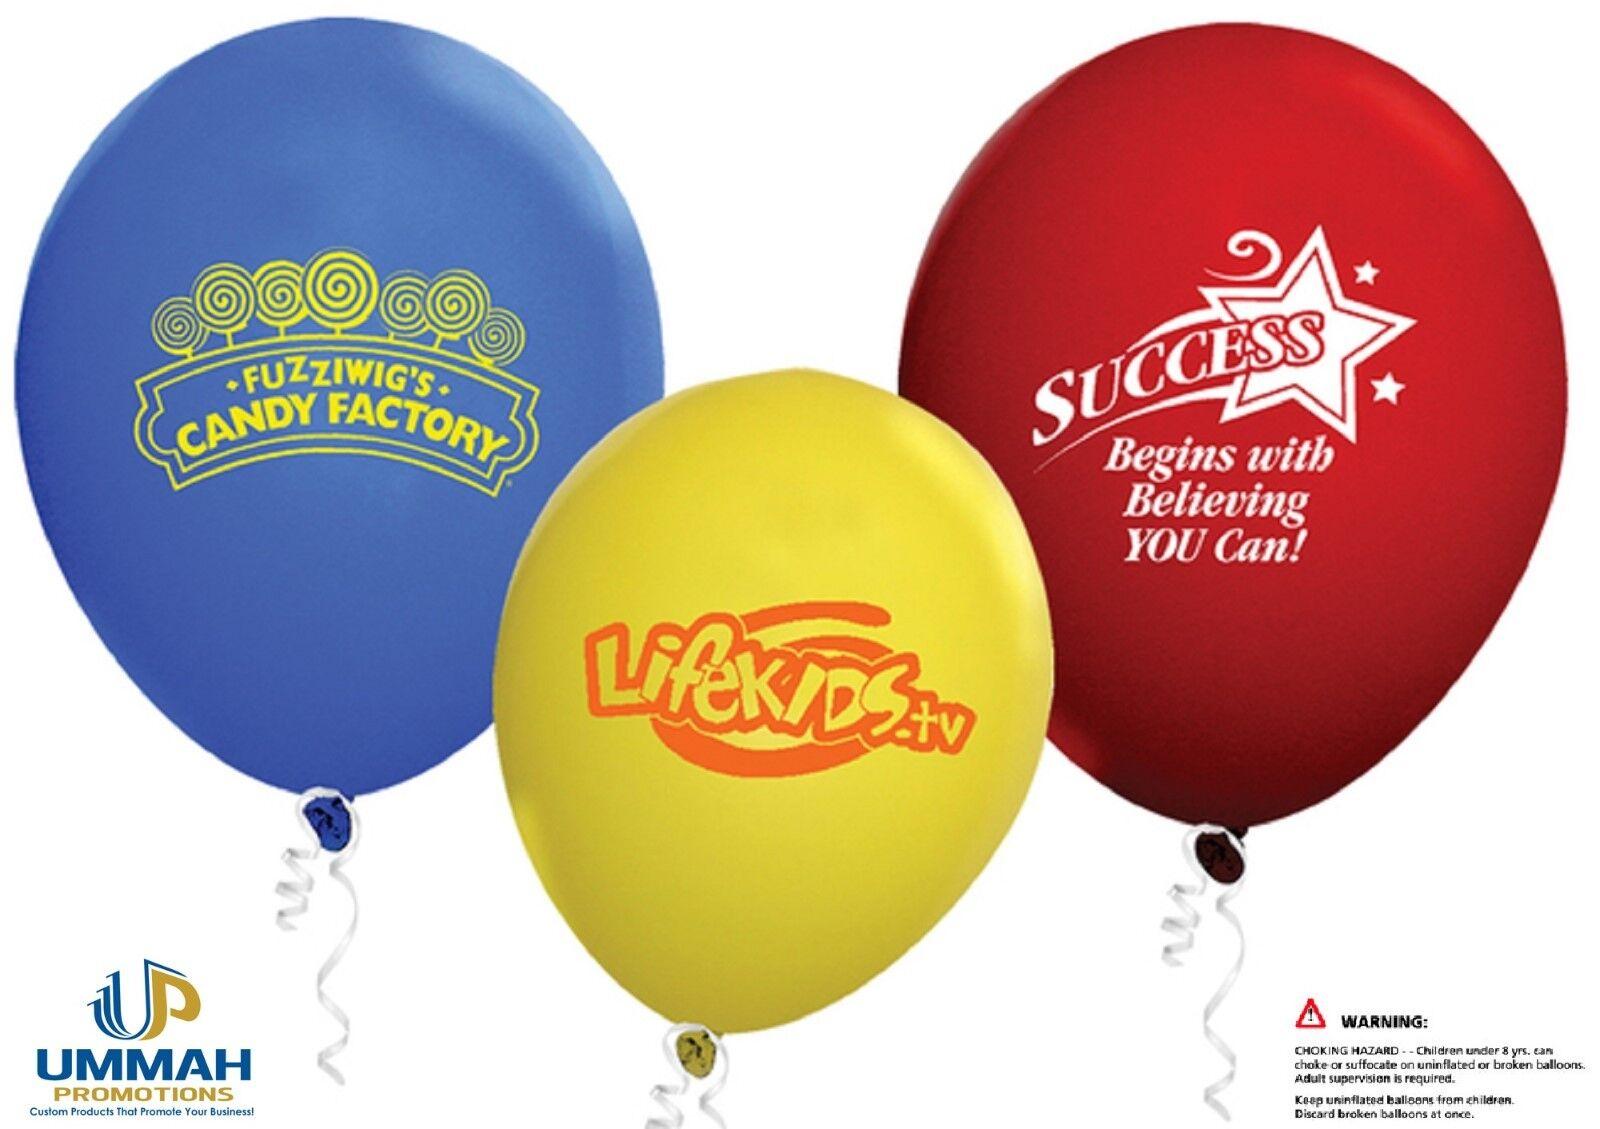 100 Personnalisé Standard 9  Latex Ballons imprimés avec votre logo ou message